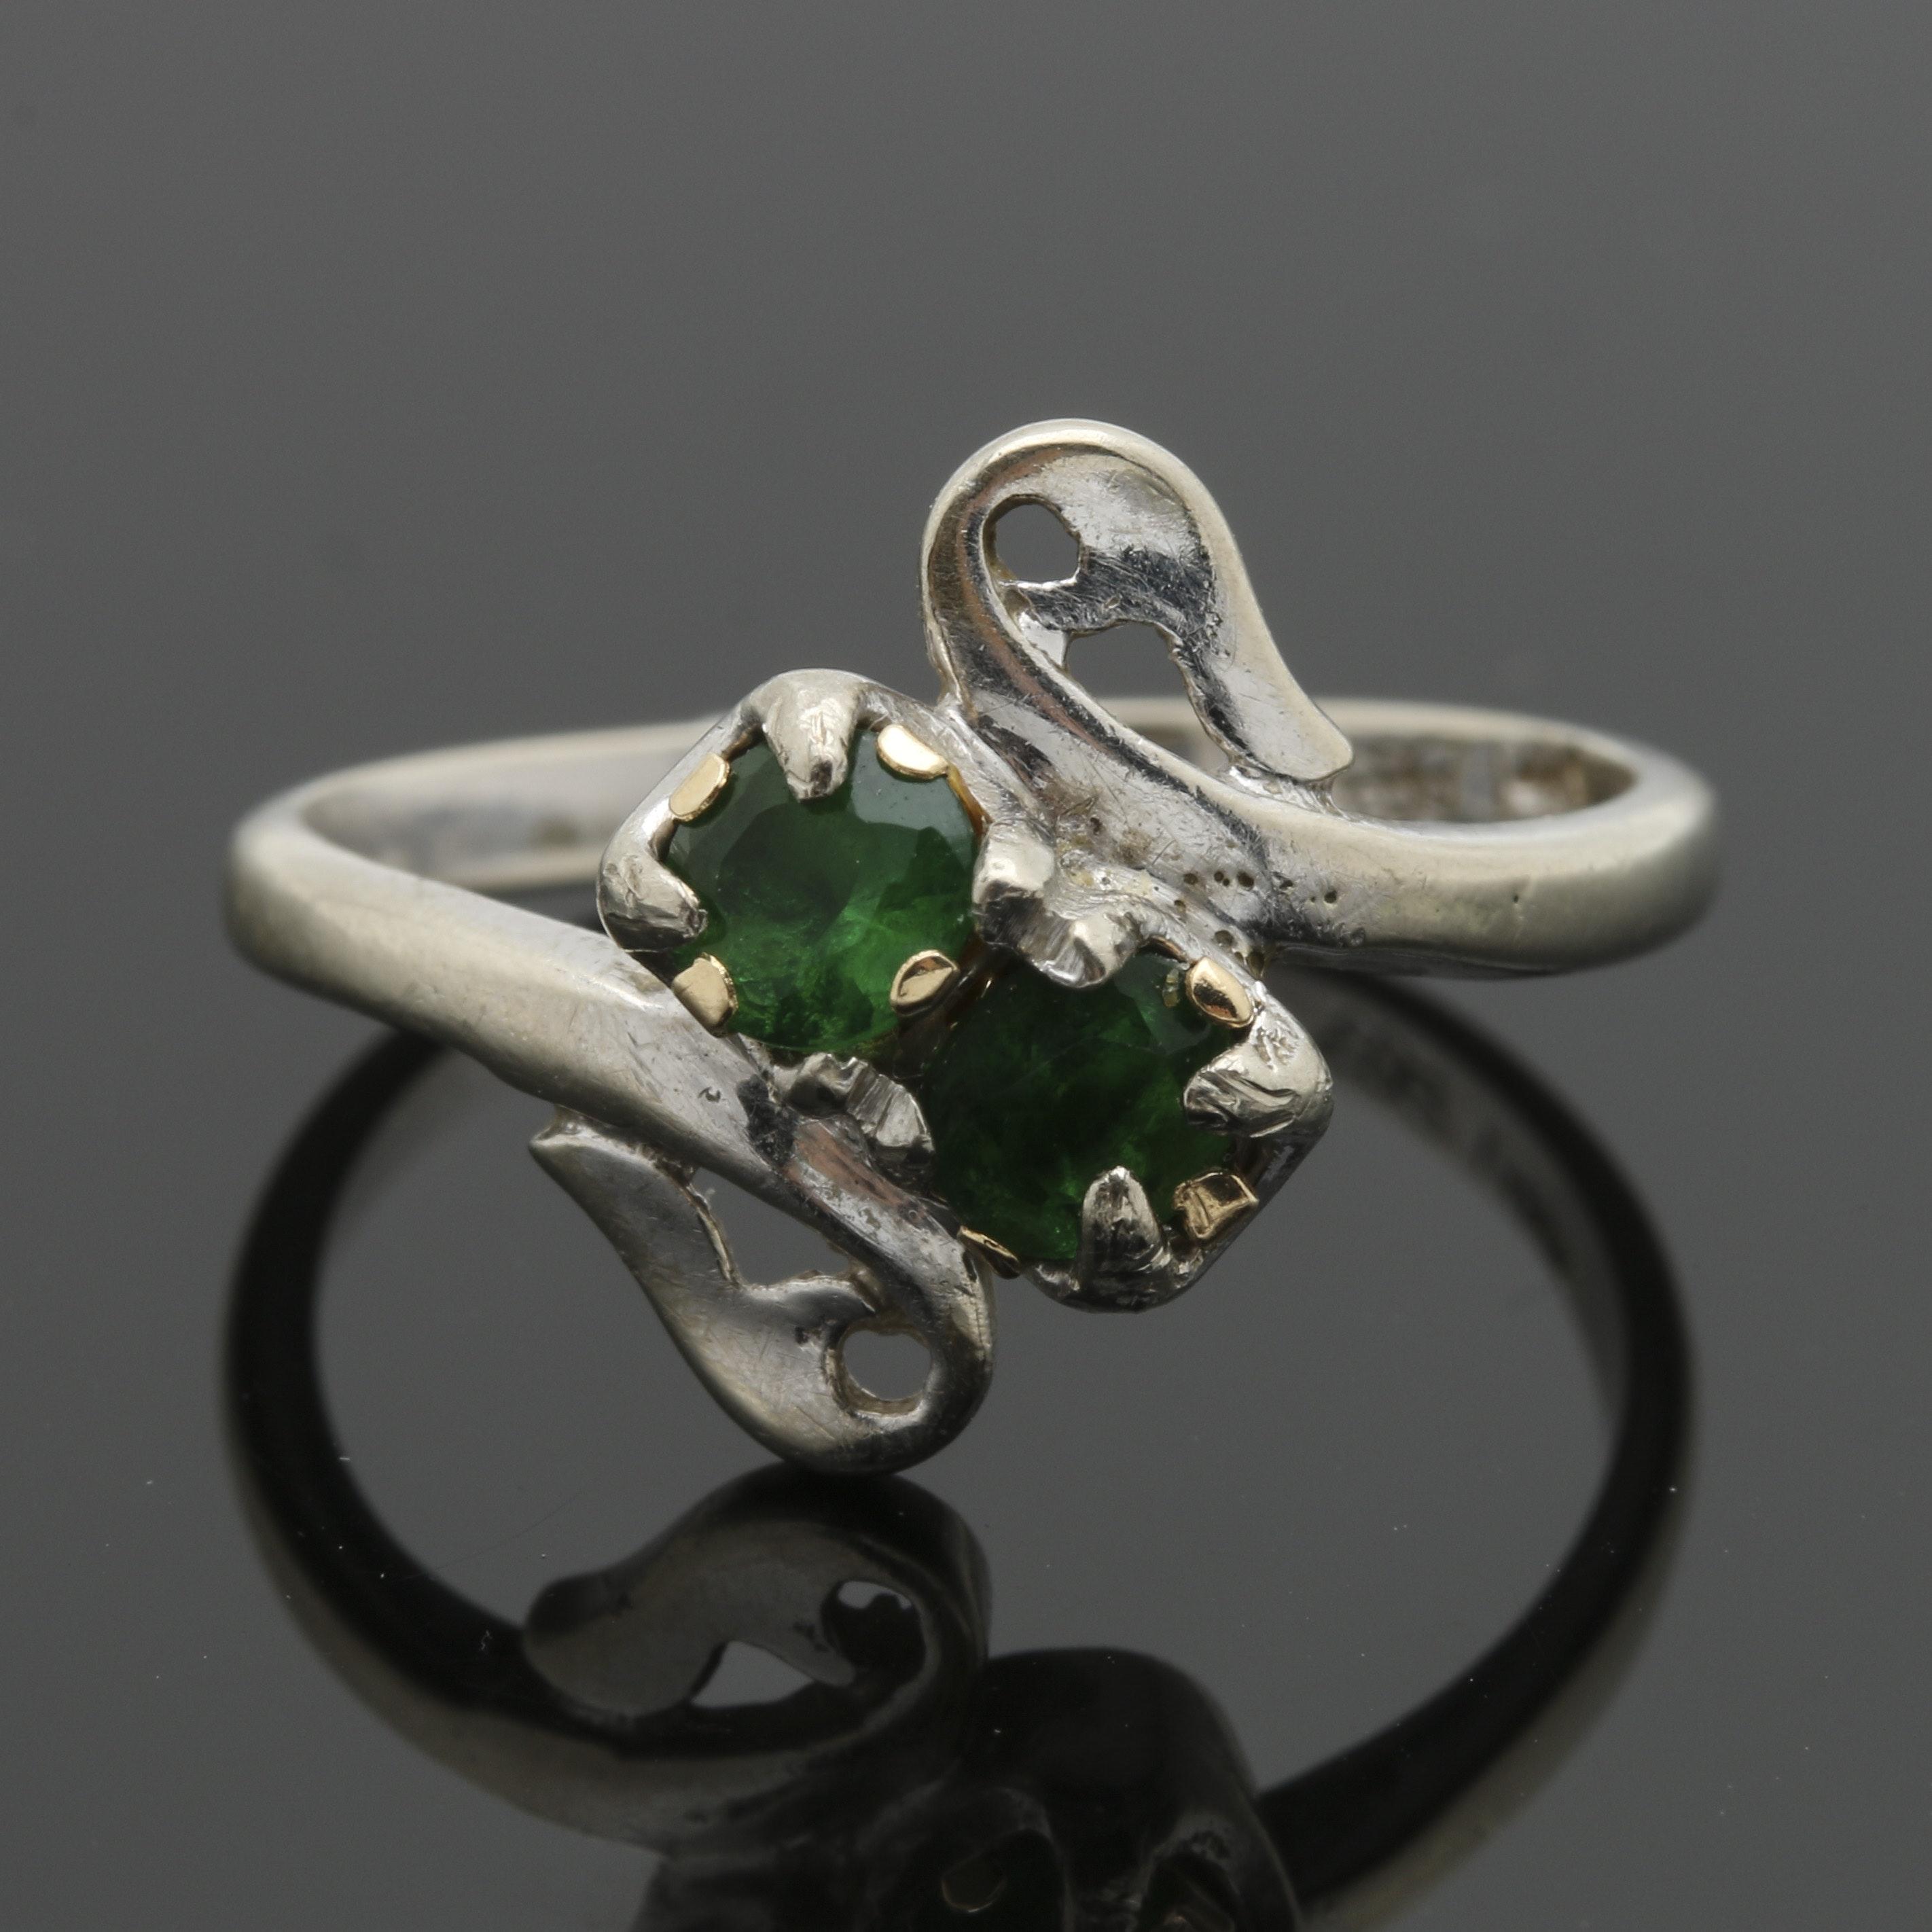 14K White Gold Green Glass Ring